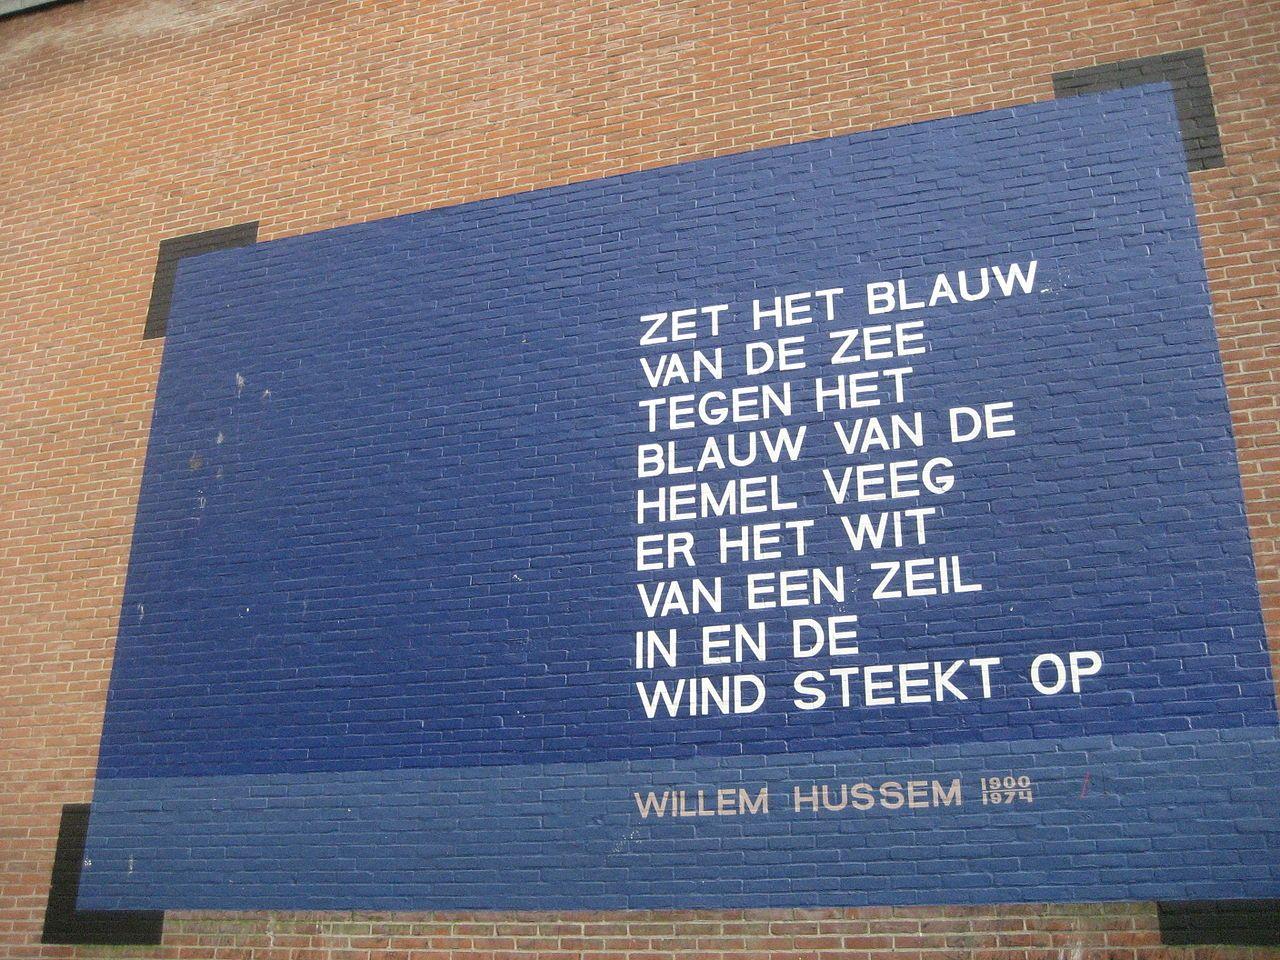 Hedendaags Willem Hussem - Wikipedia (met afbeeldingen)   Hemel, Gedichten TN-41